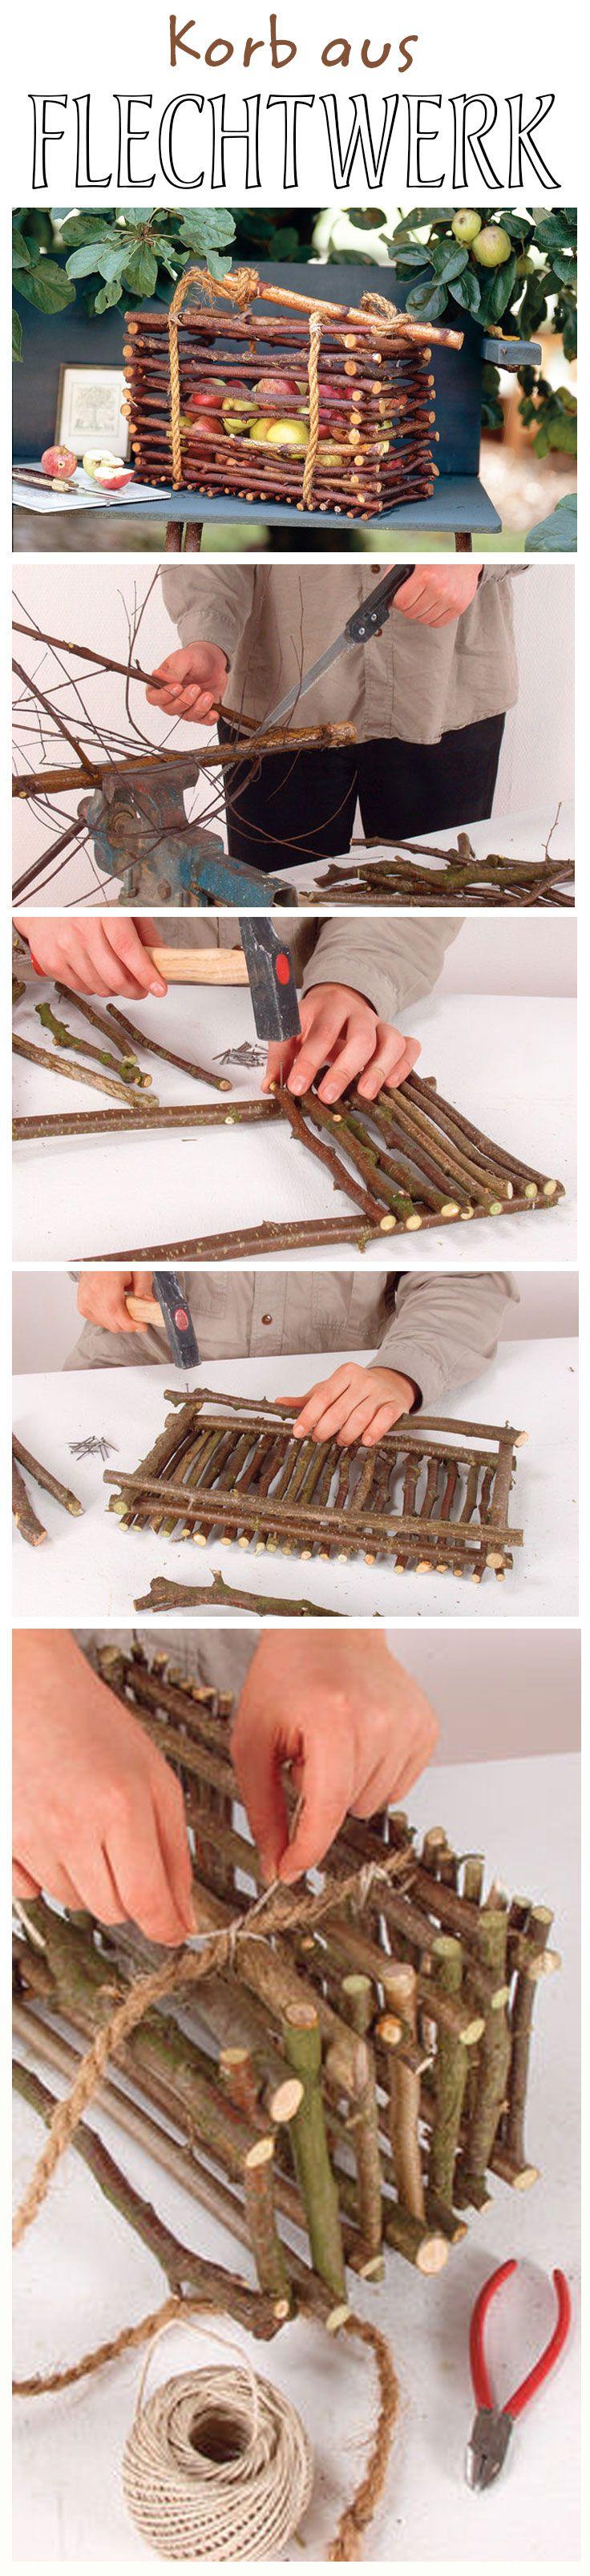 Deko wohnung holz  Die besten 25+ Holz deko selber machen Ideen auf Pinterest ...